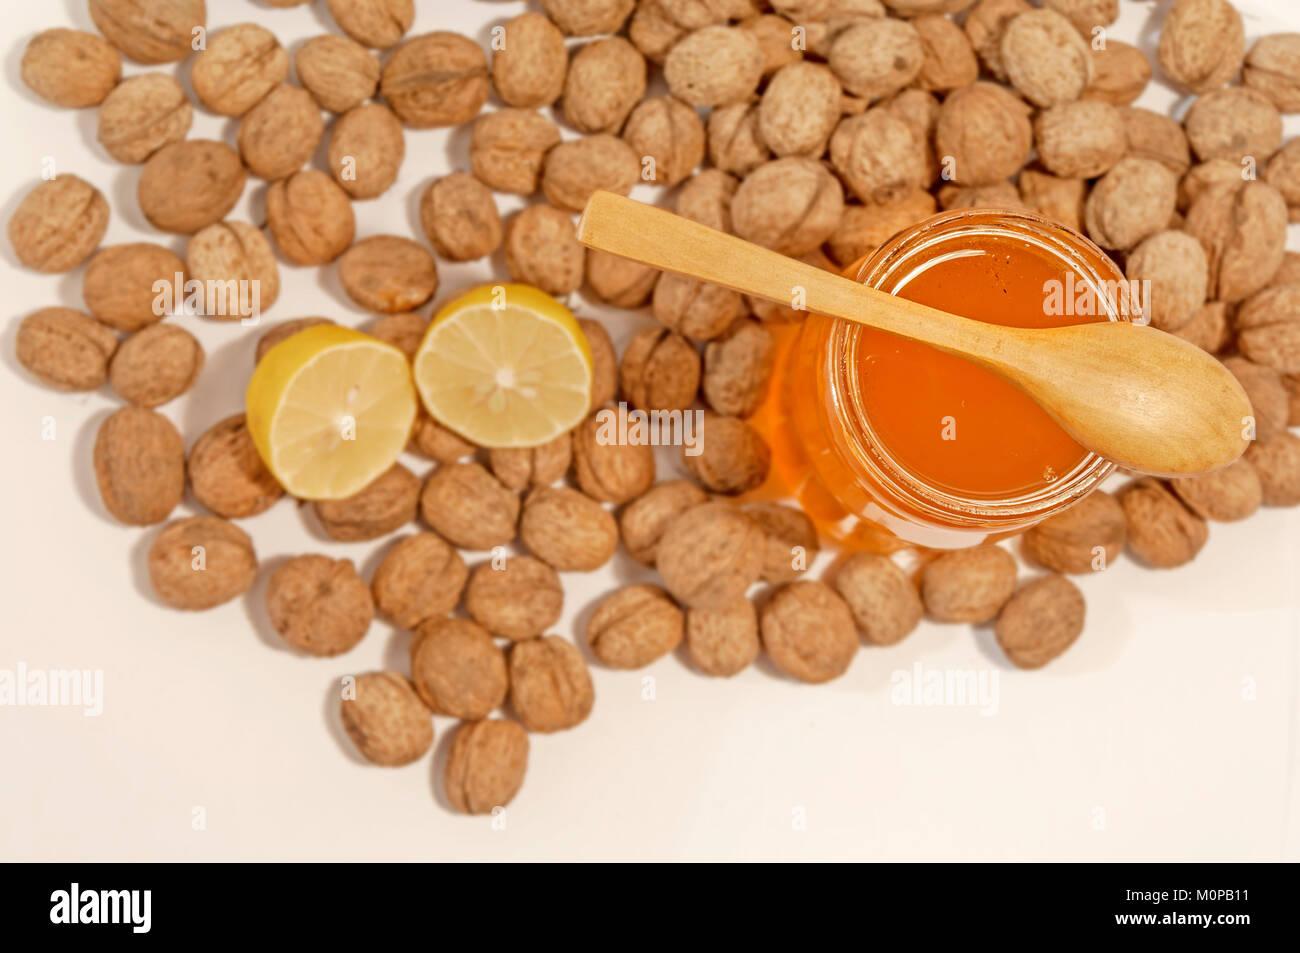 Krug Honig und Löffel mit Zitrone und Walnüsse Stockbild